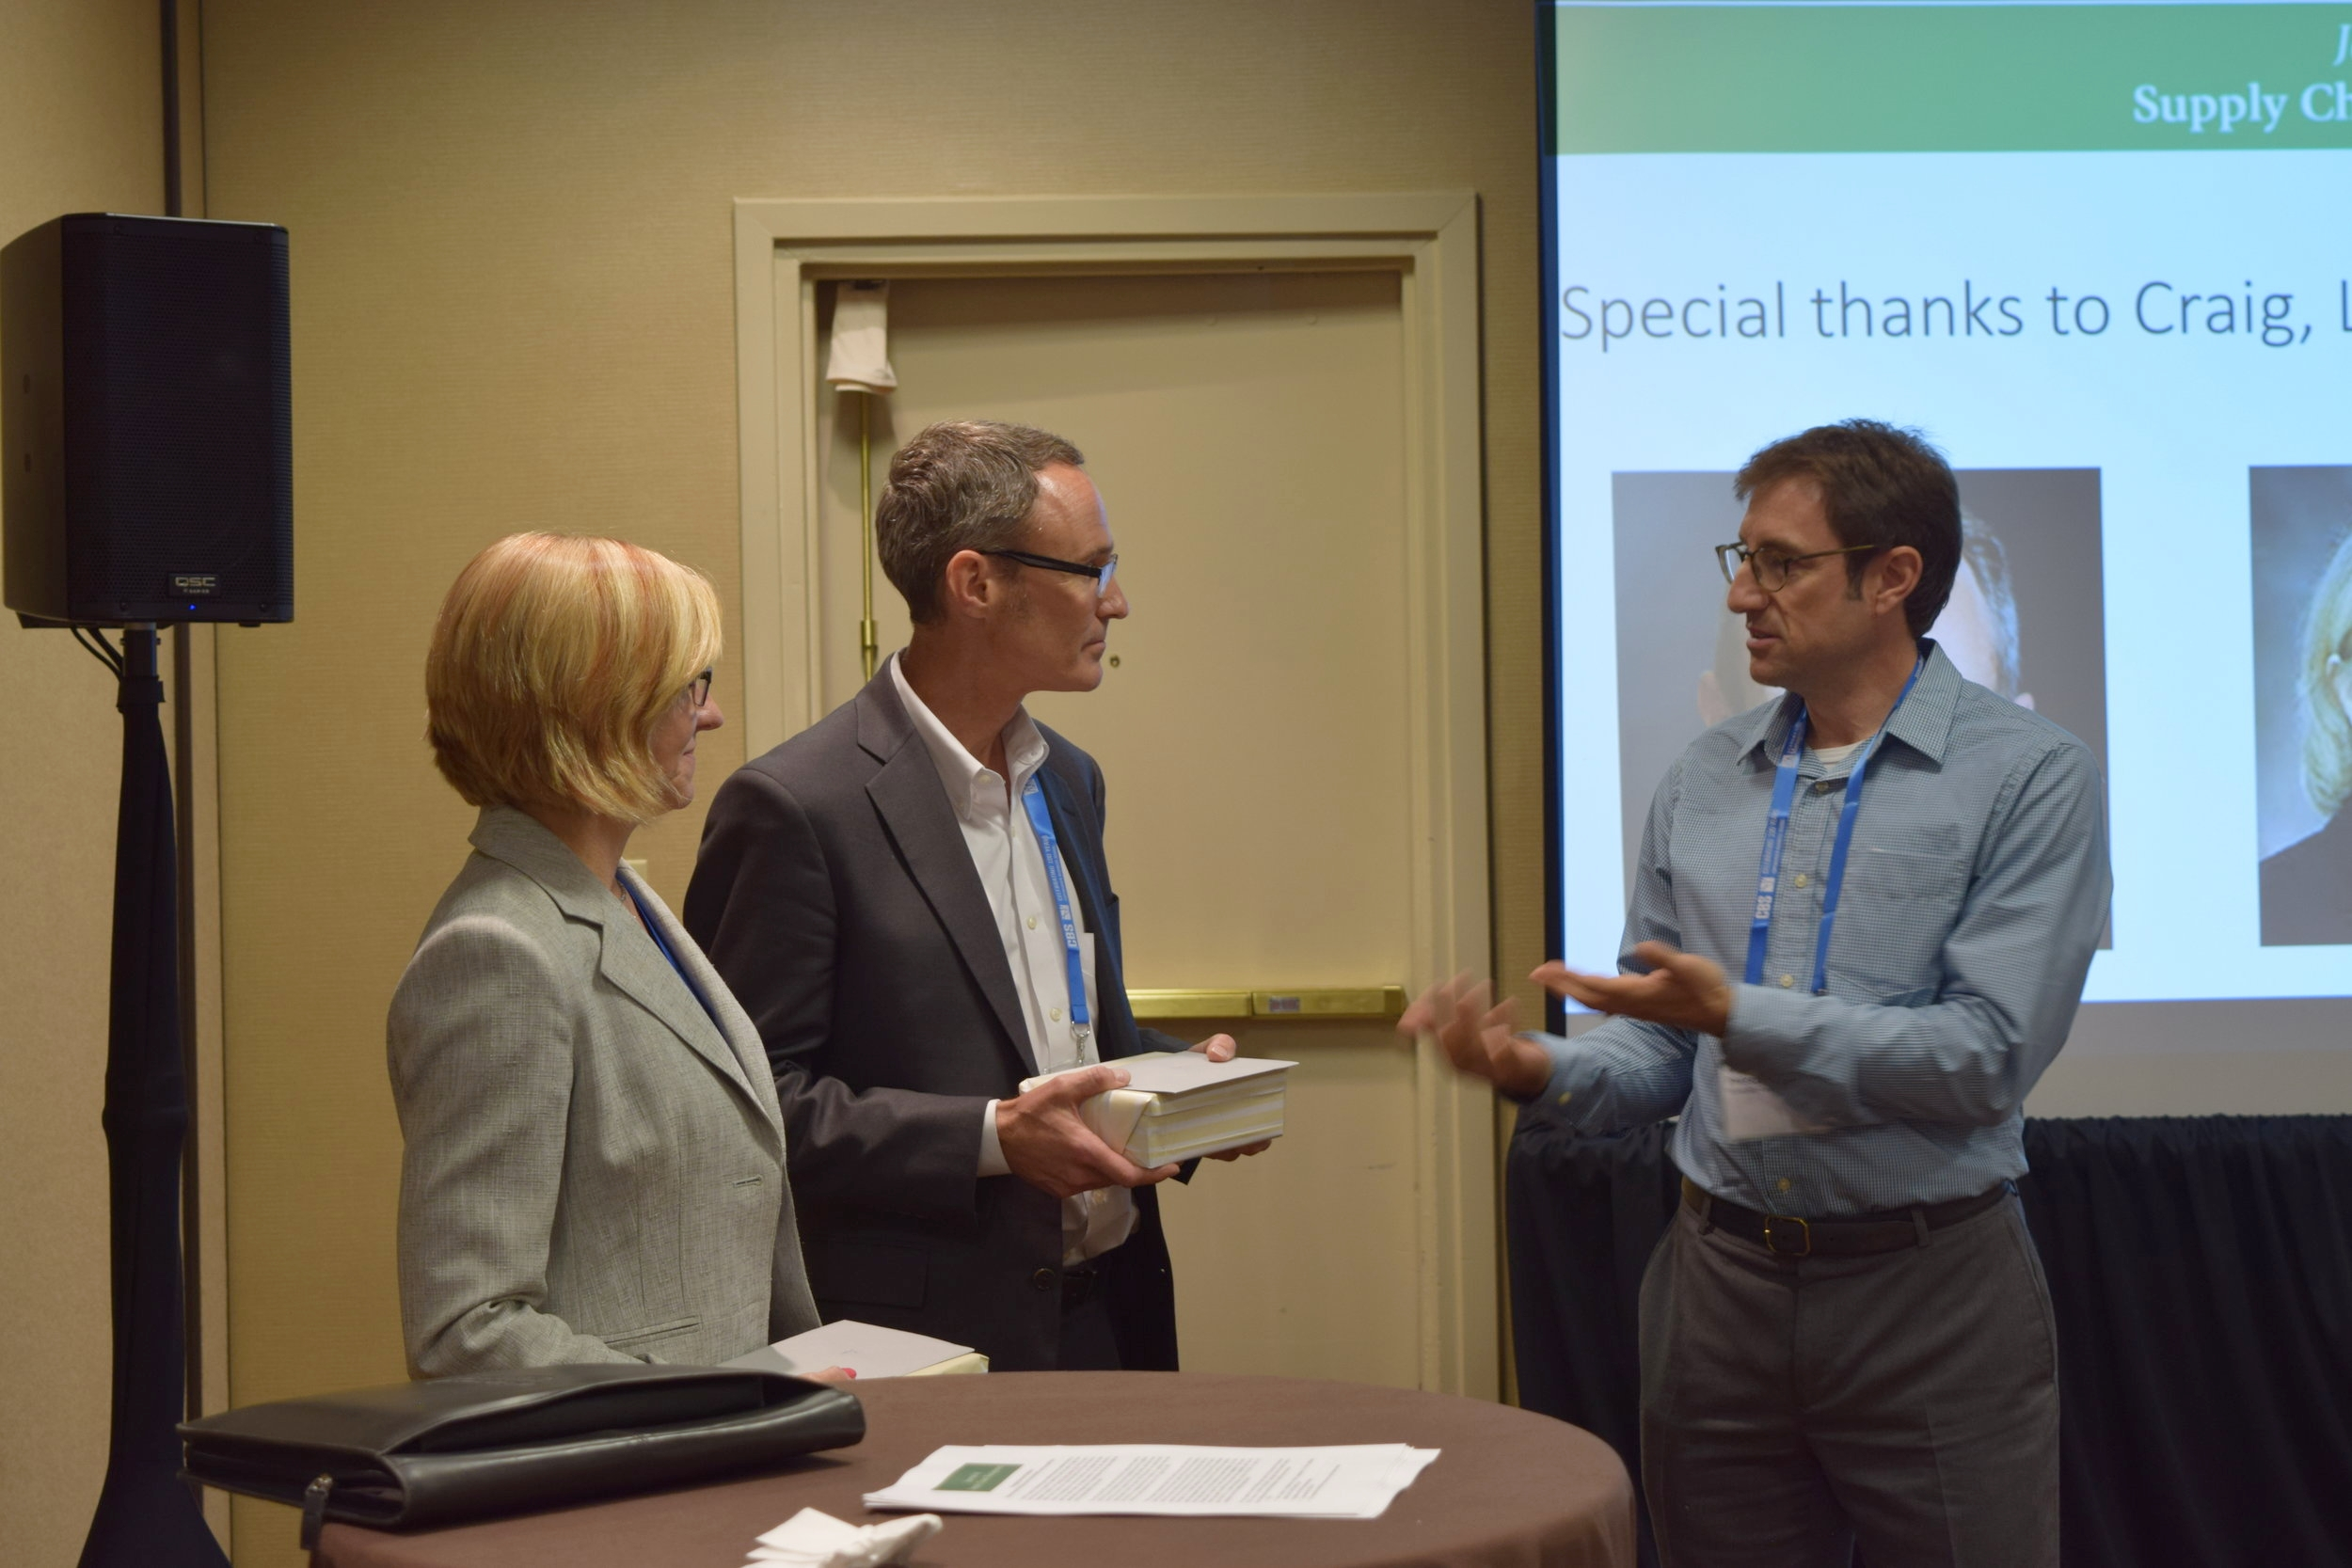 Thanking the previous editors Professor Craig Carter and Professor Lisa Ellram